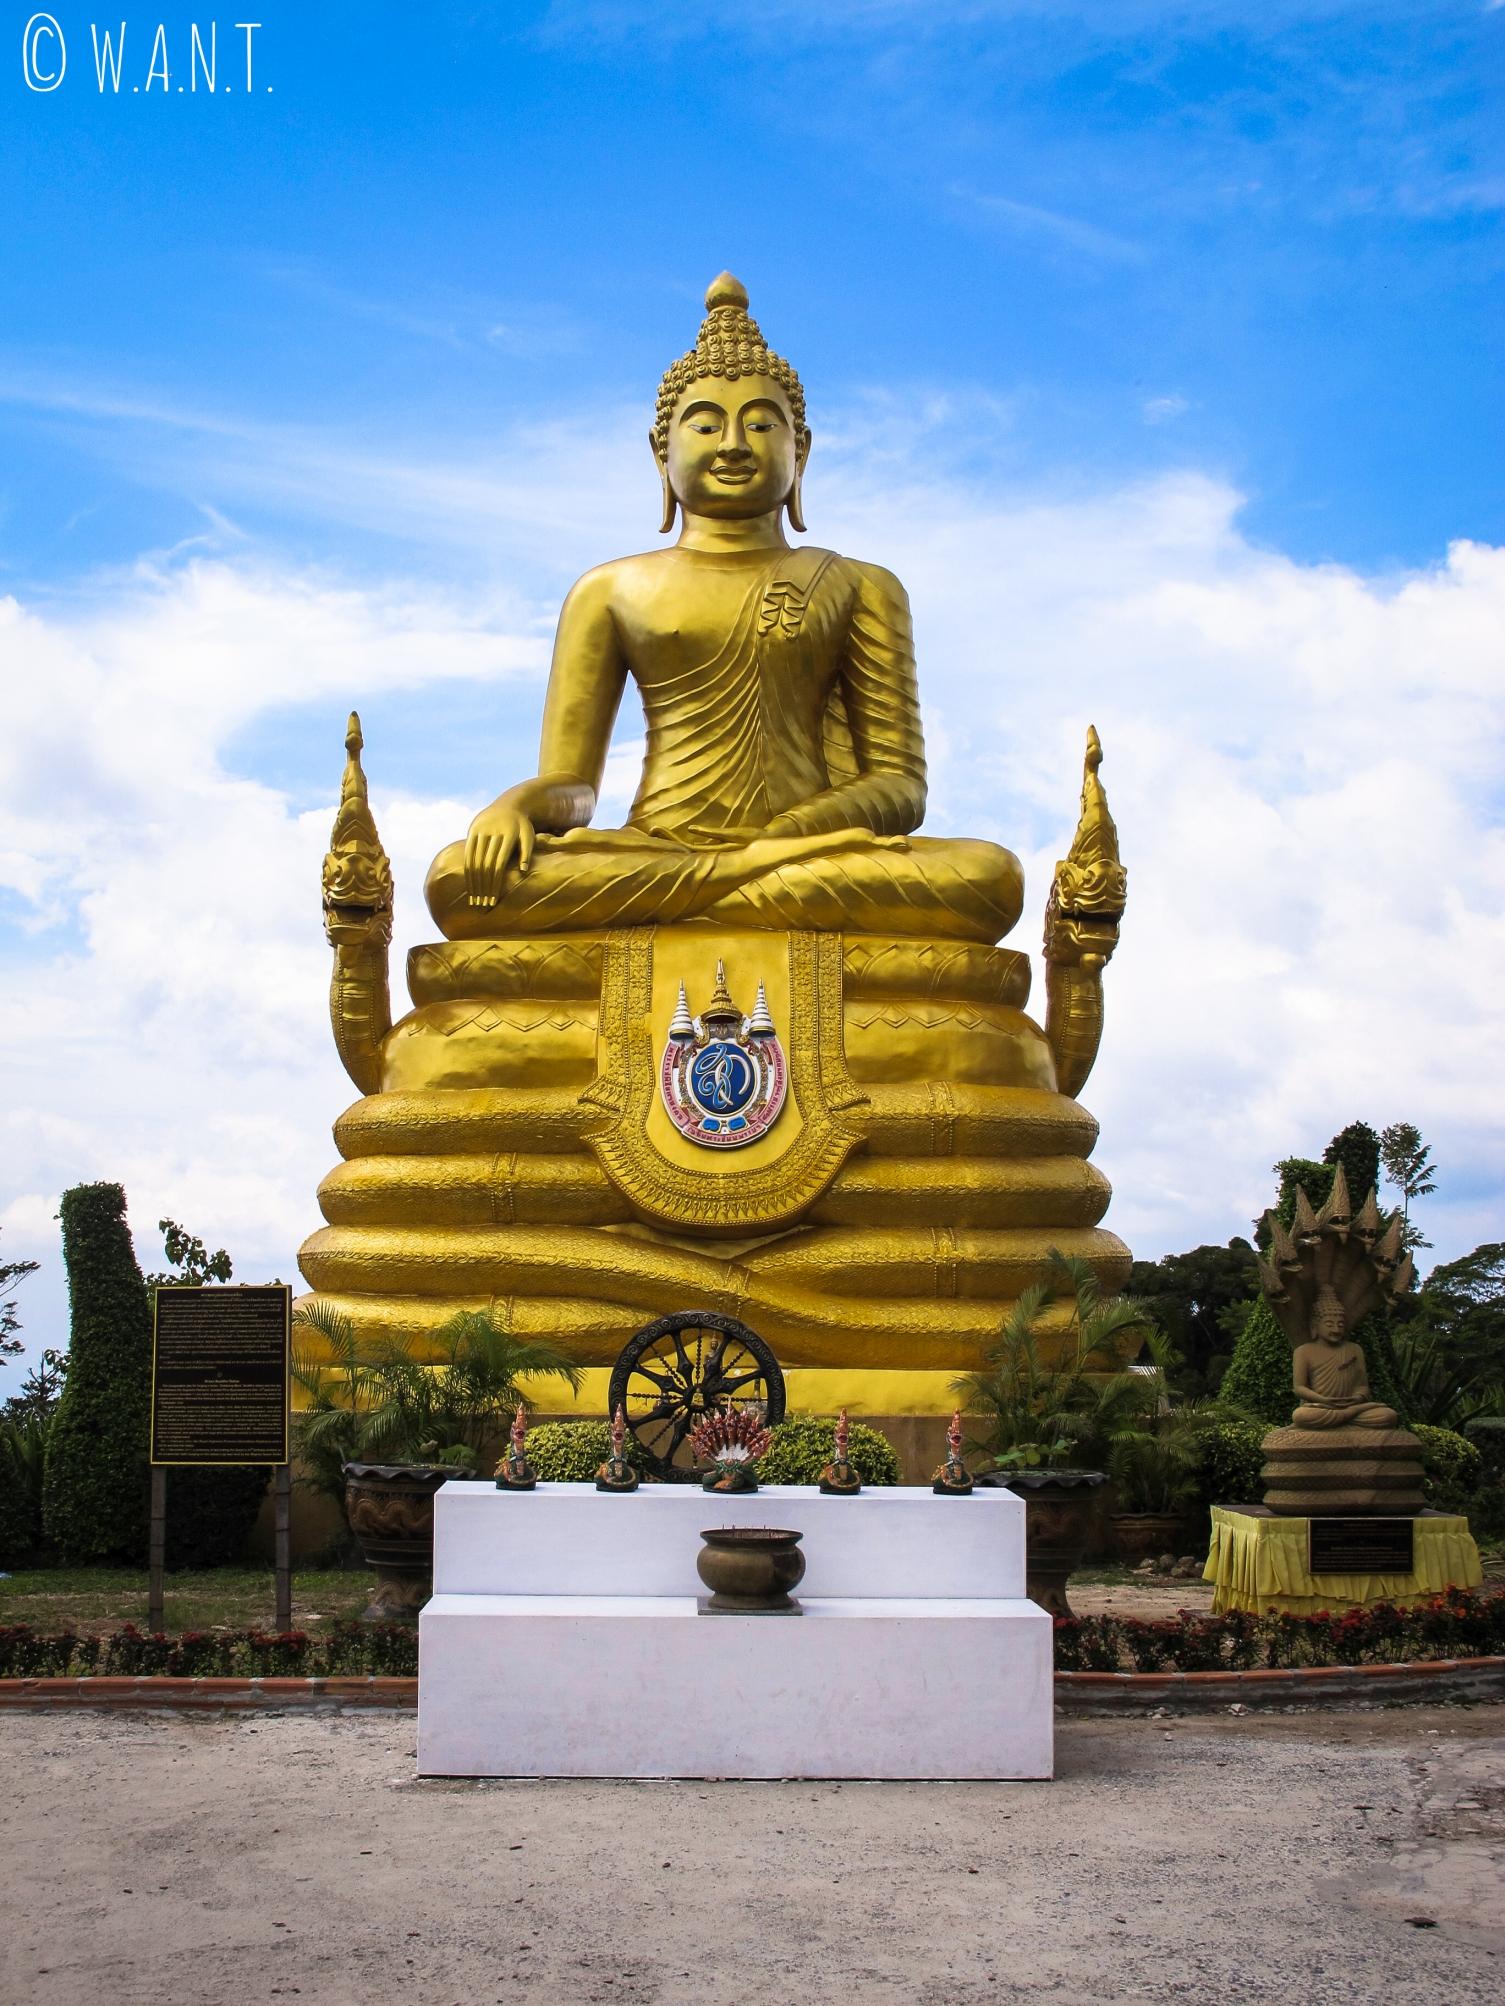 Bouddha doré dédié à la reine Sirikit à Phuket